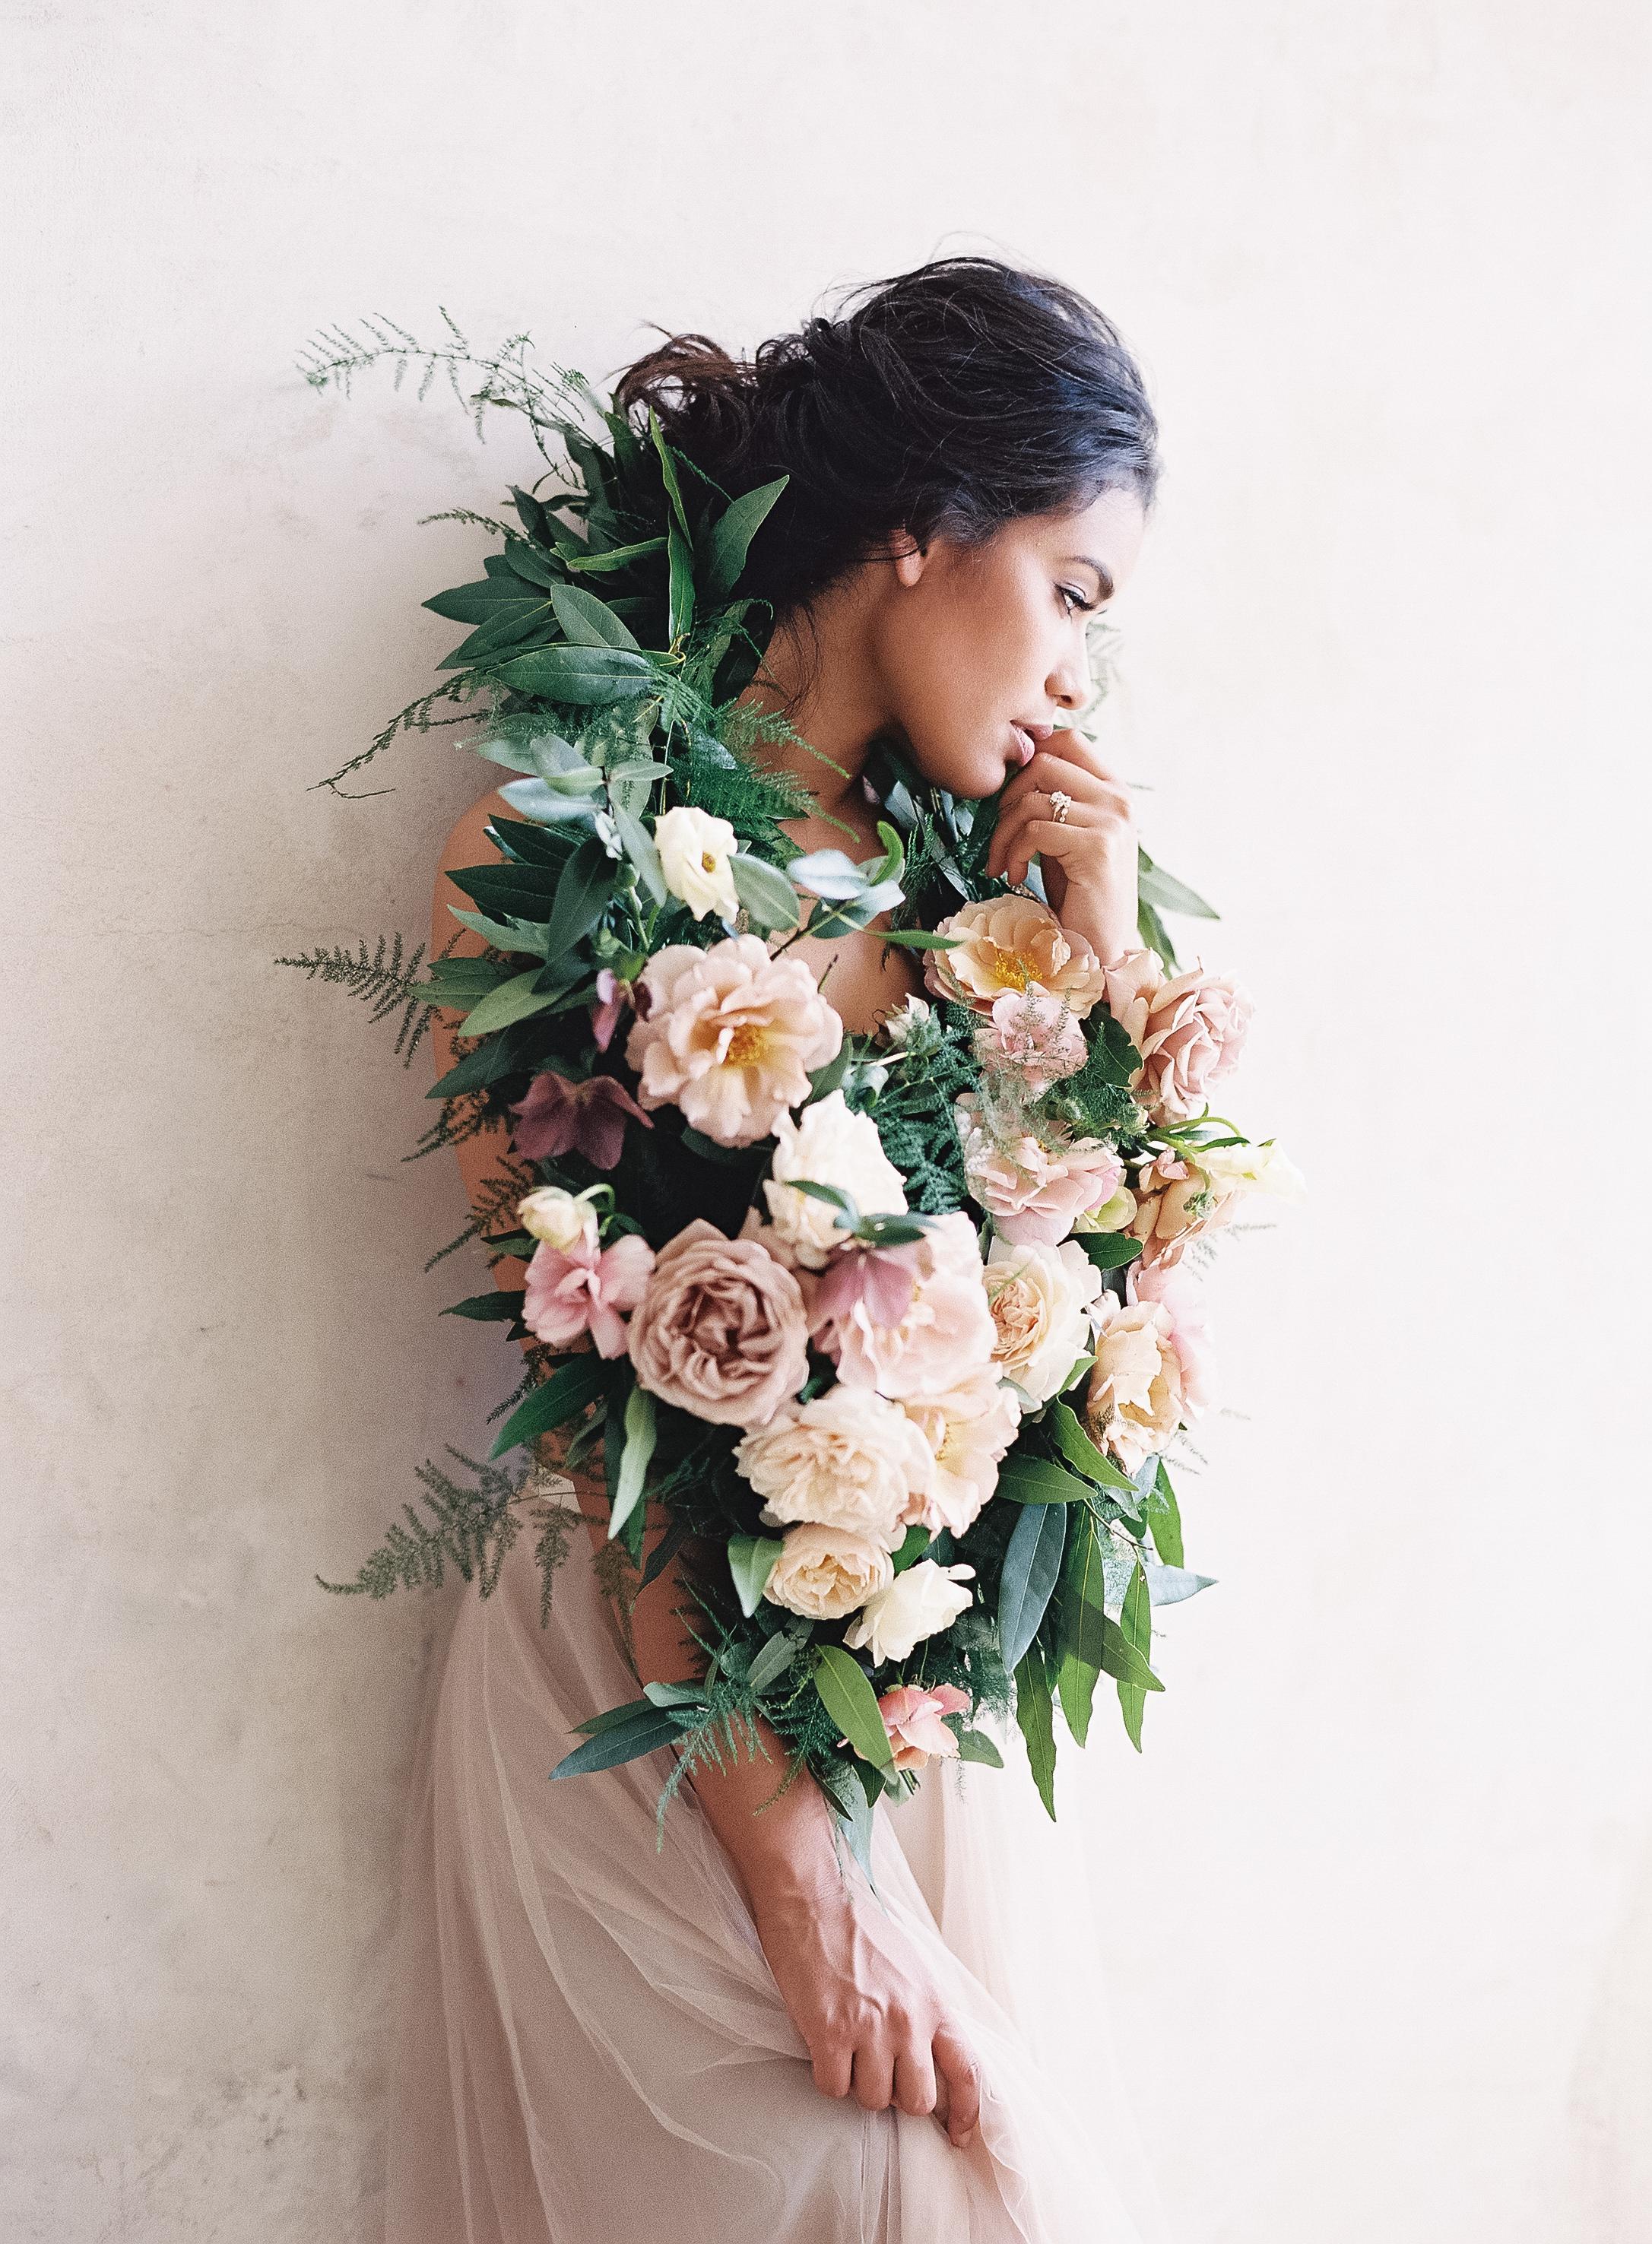 Bridal Bouquet and Wedding Florals   www.lunademarephoto.com